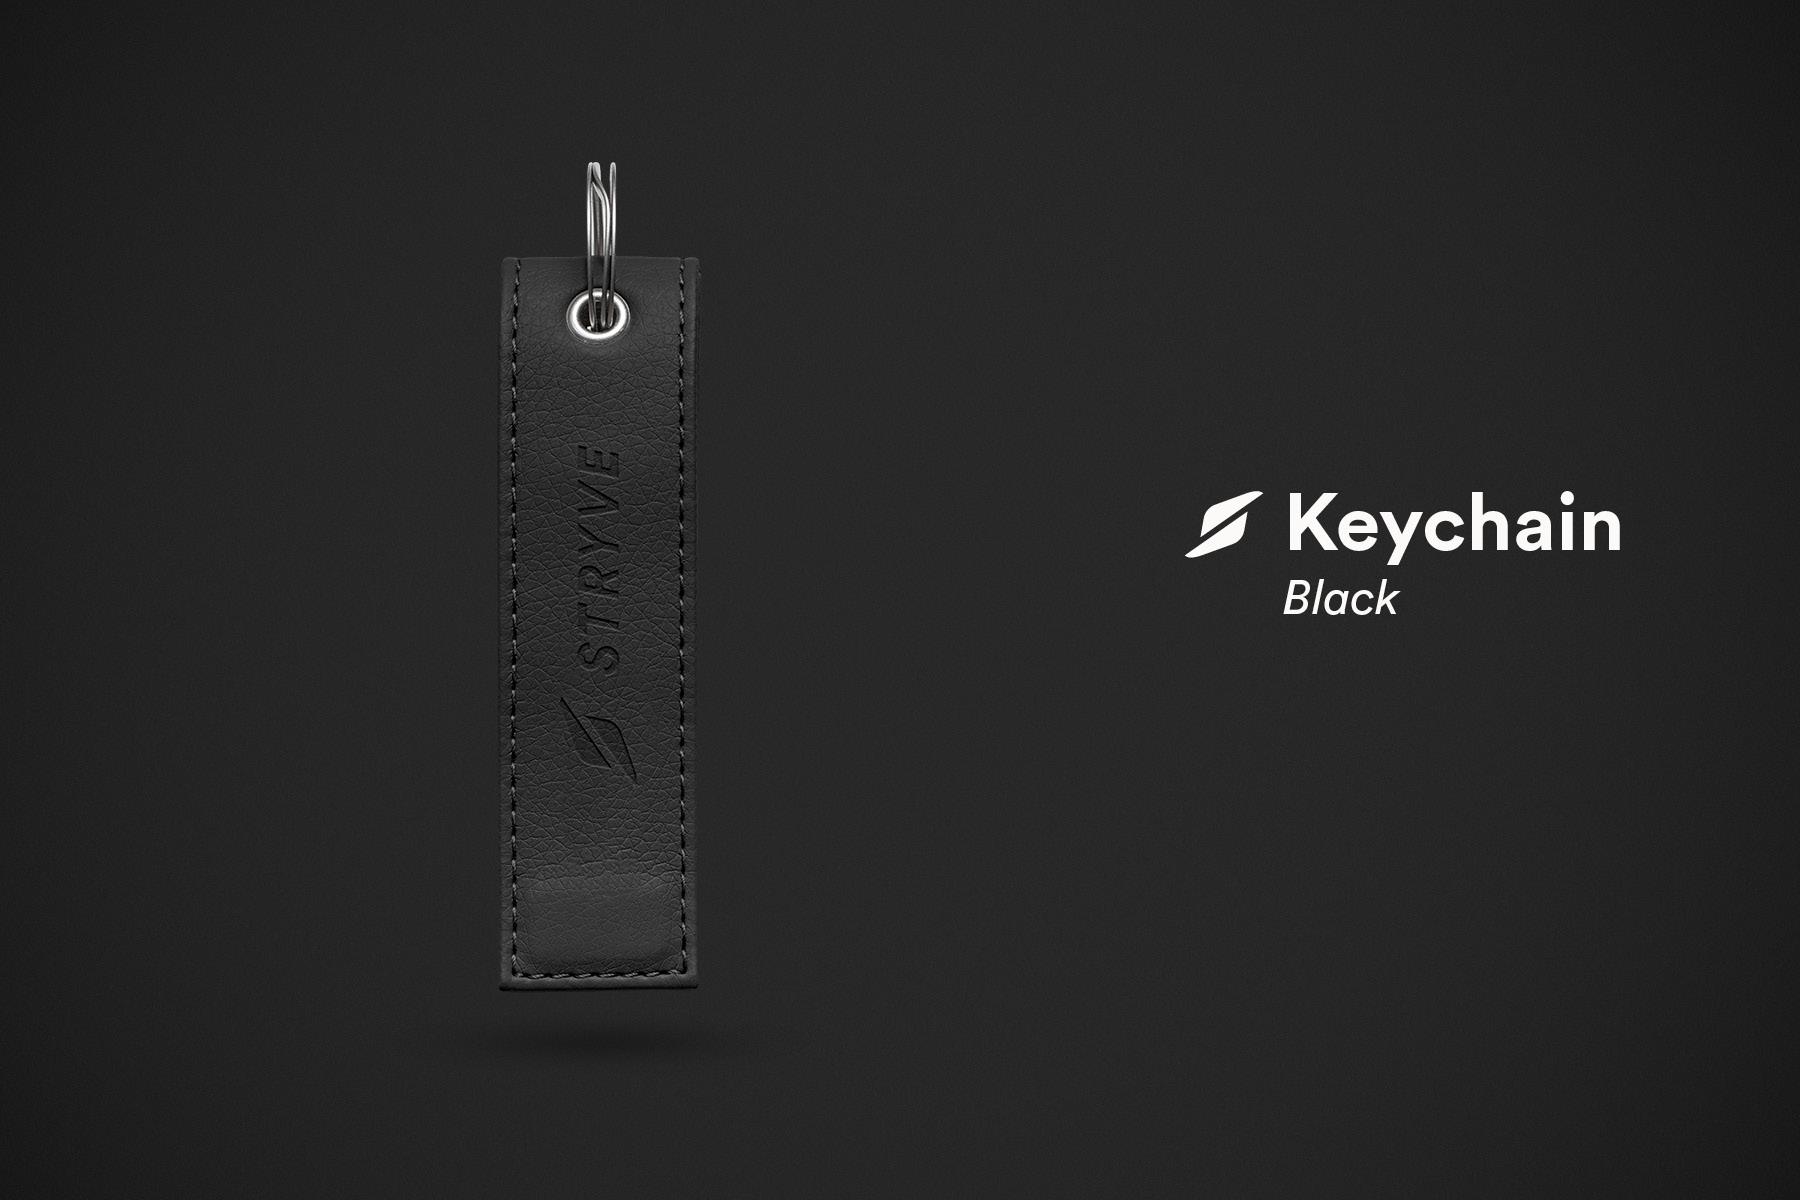 stryve-keyvhain-designagentur-grafik-kommunikation-design